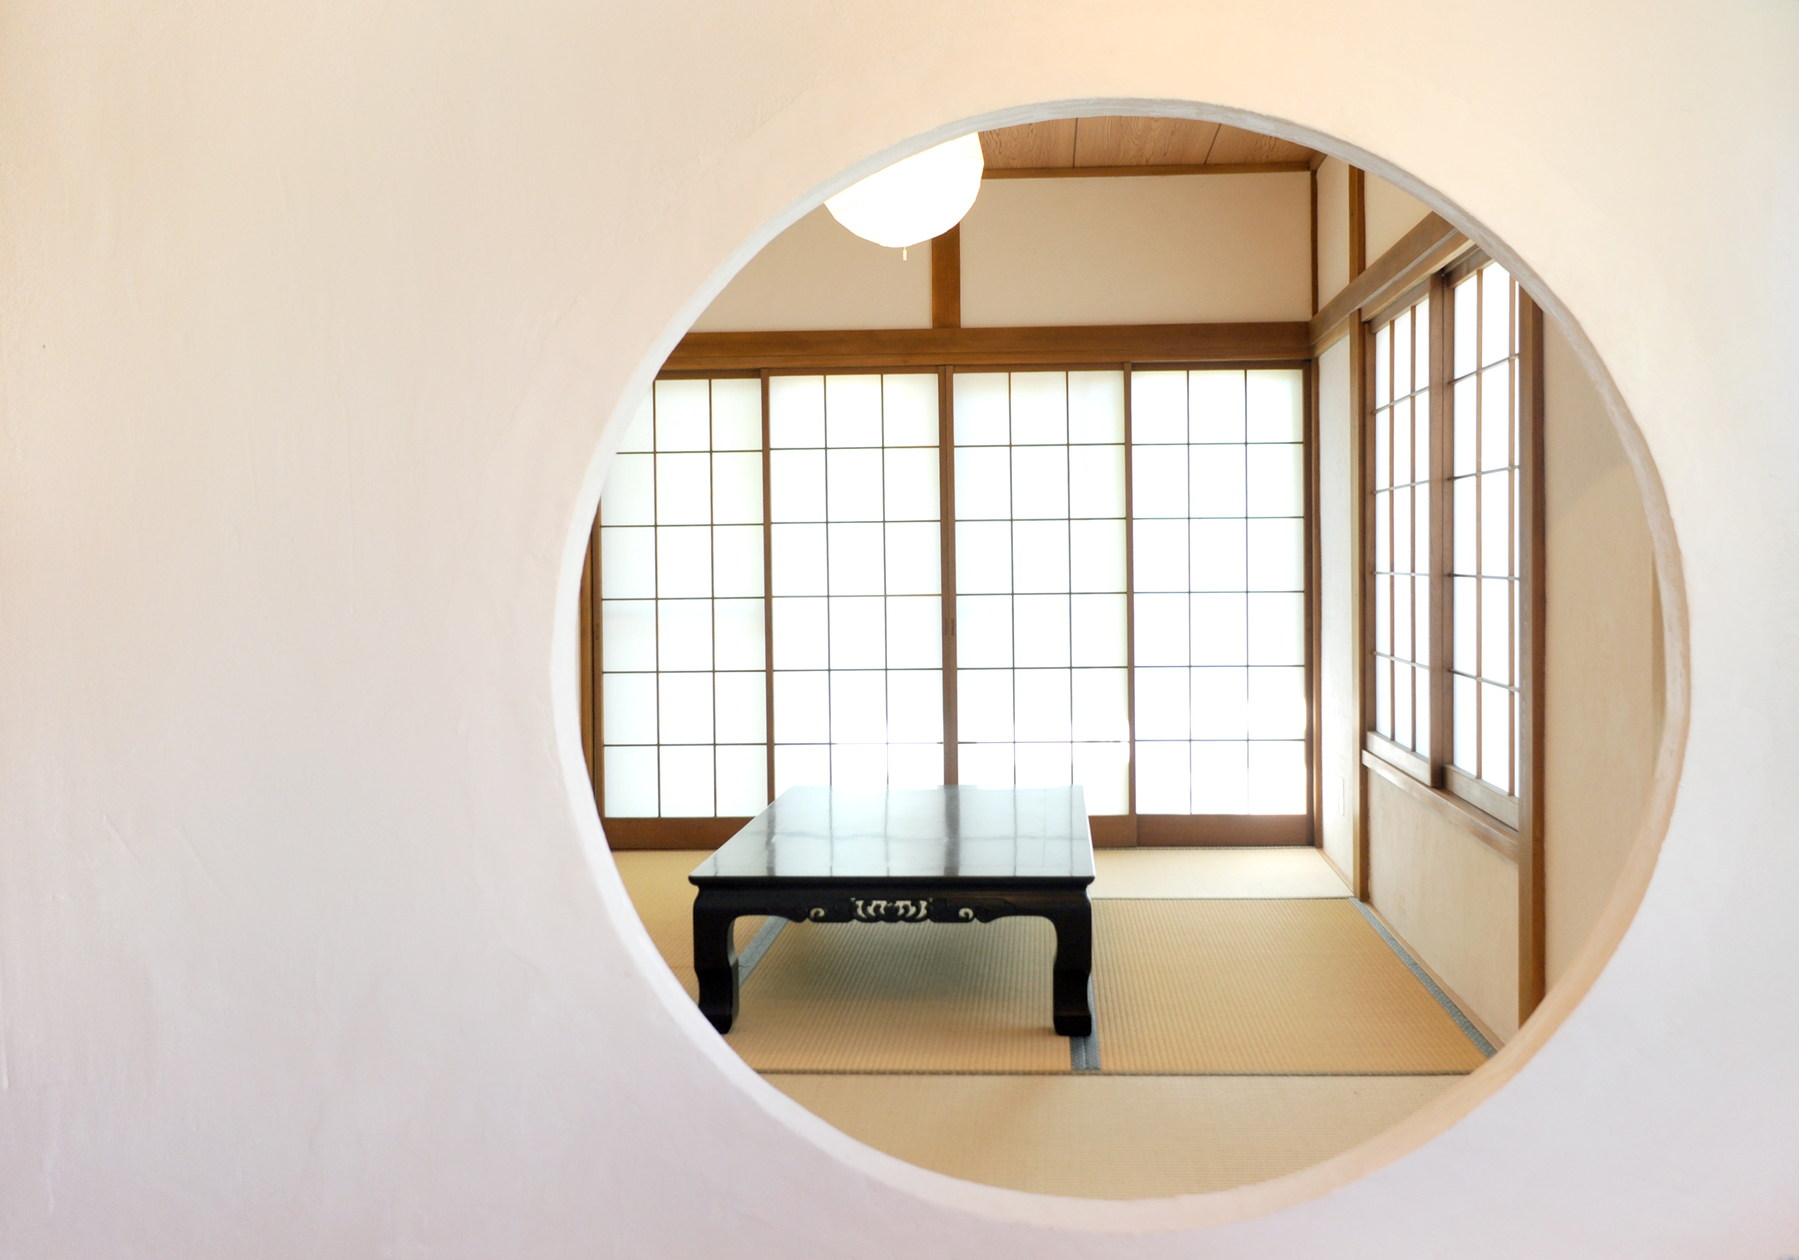 【横浜・菊名 広々300㎡隠れ家『和室』】丸く切取った壁向こうに広がる畳で「着付/茶道/華道教室」等ができる! の写真